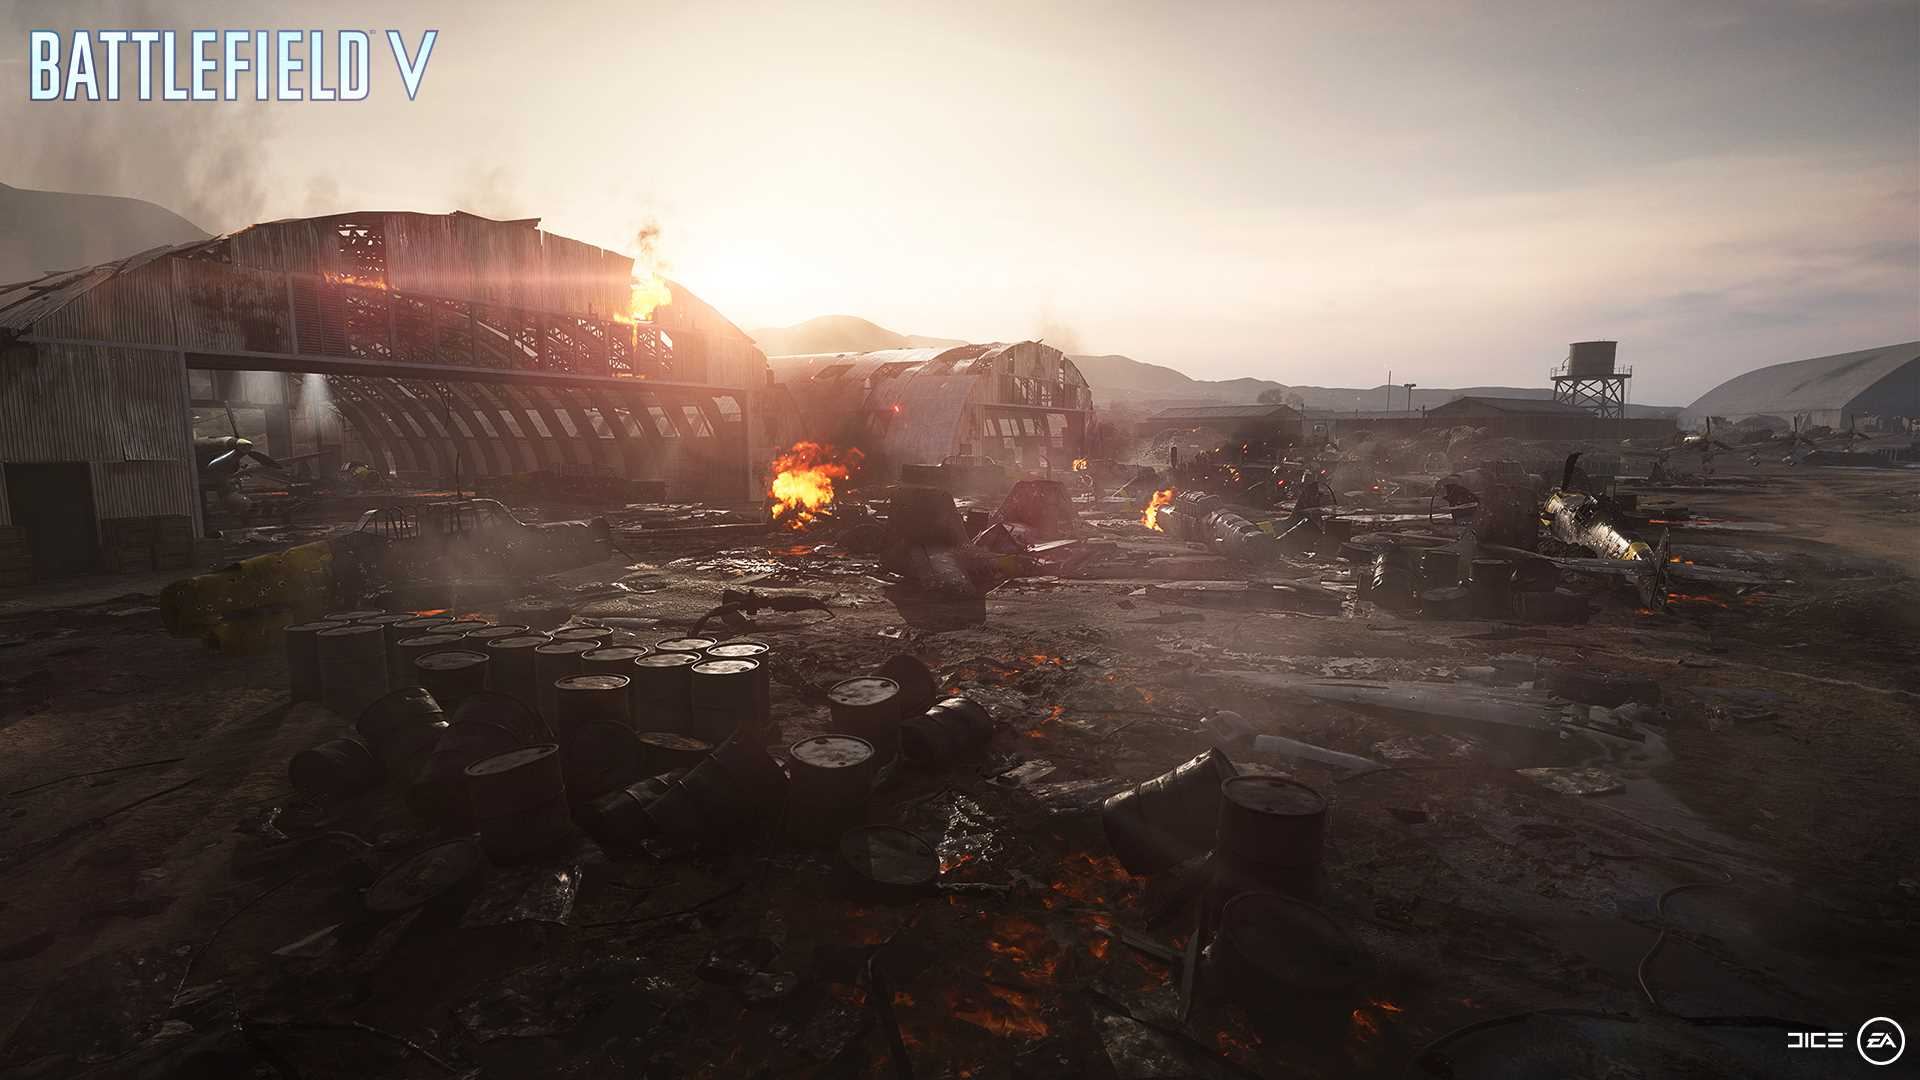 На иллюстрации изображена карта из игры Battlefield V: битва идёт за овраги и немецкие аэродромы в Северной Африке